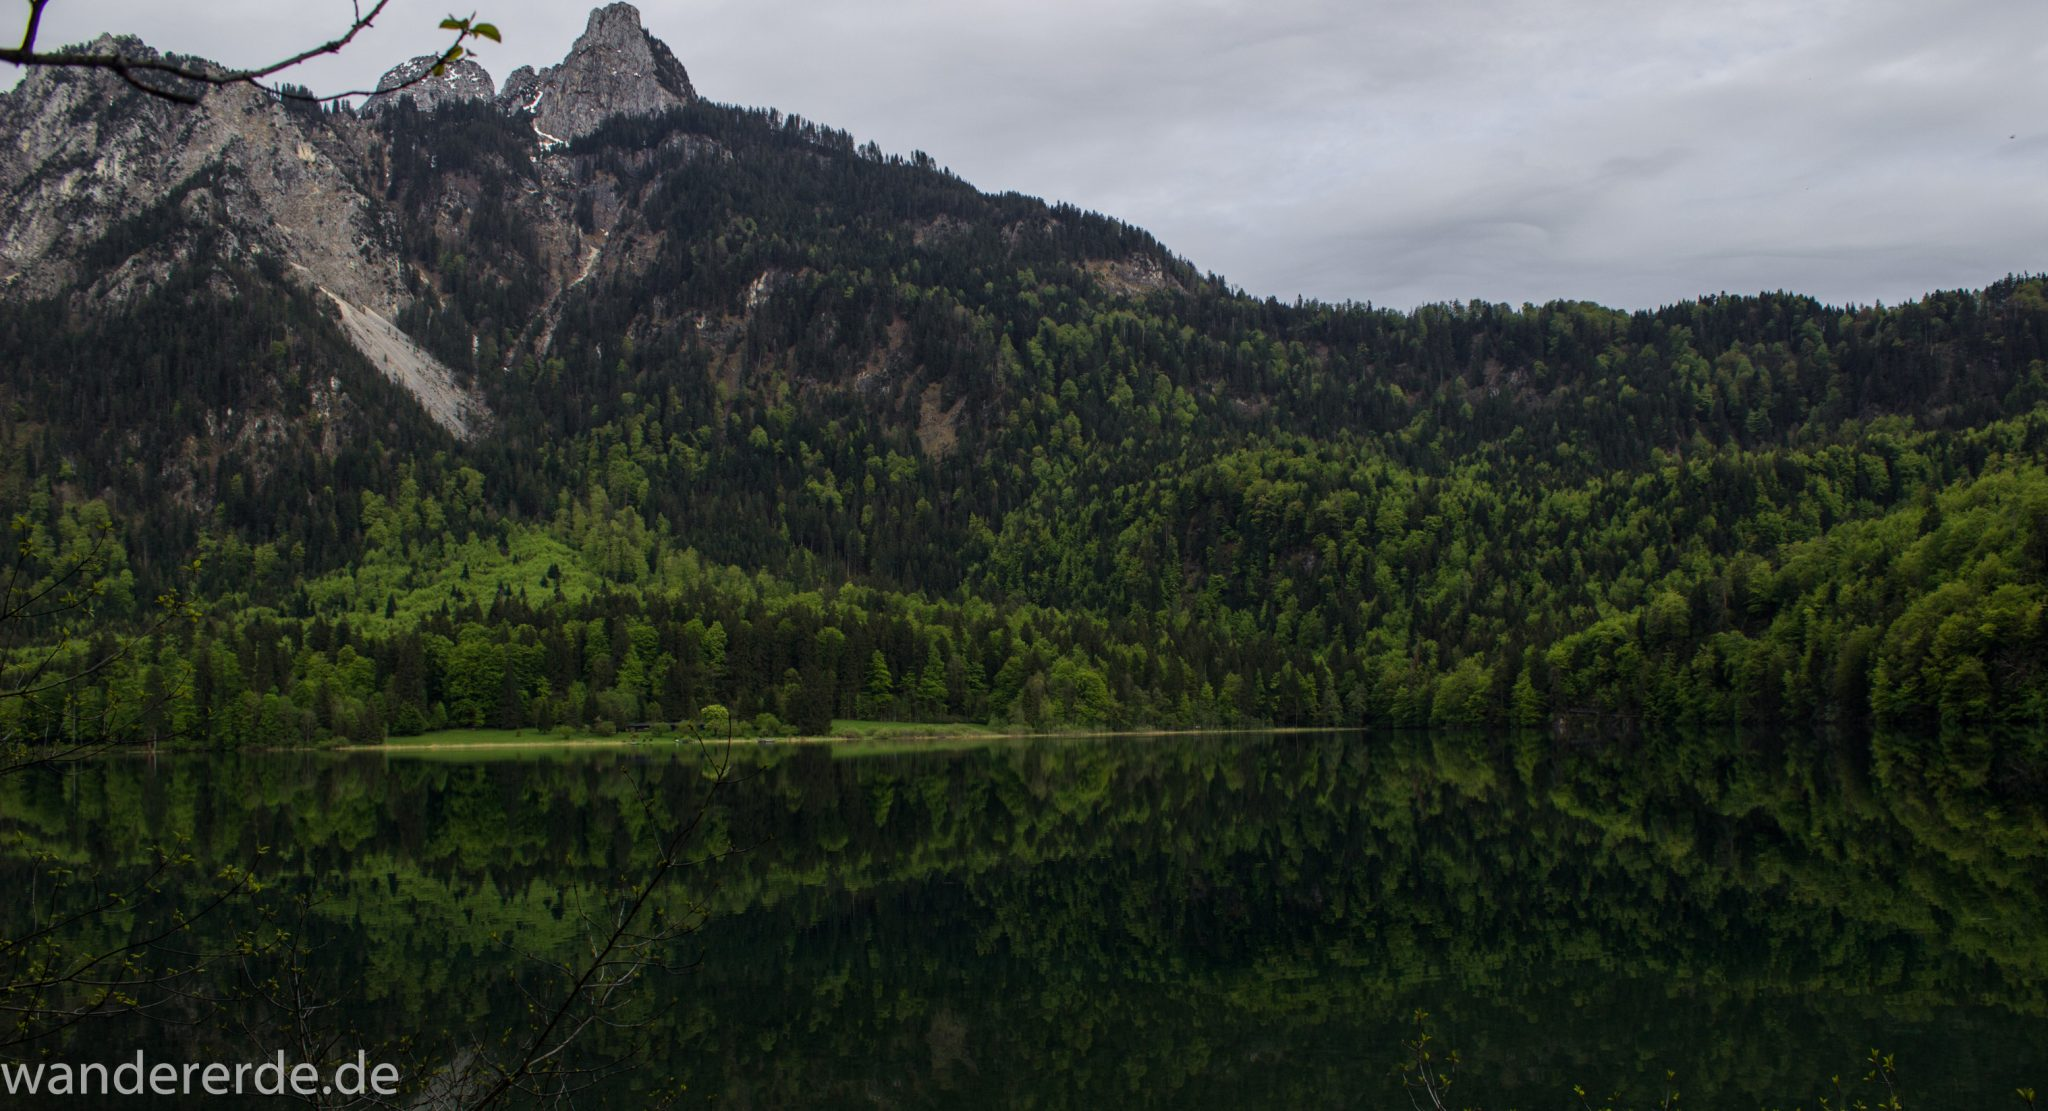 Alpsee bei Hohenschwangau, in der Nähe von Schloss Neuschwanstein, Aussicht auf Alpsee mit grünem Wald ringsrum, Laubbaum, Nadelbaum, dichte Bewölkung, Umgebung spiegelt sich im See, Bergkette